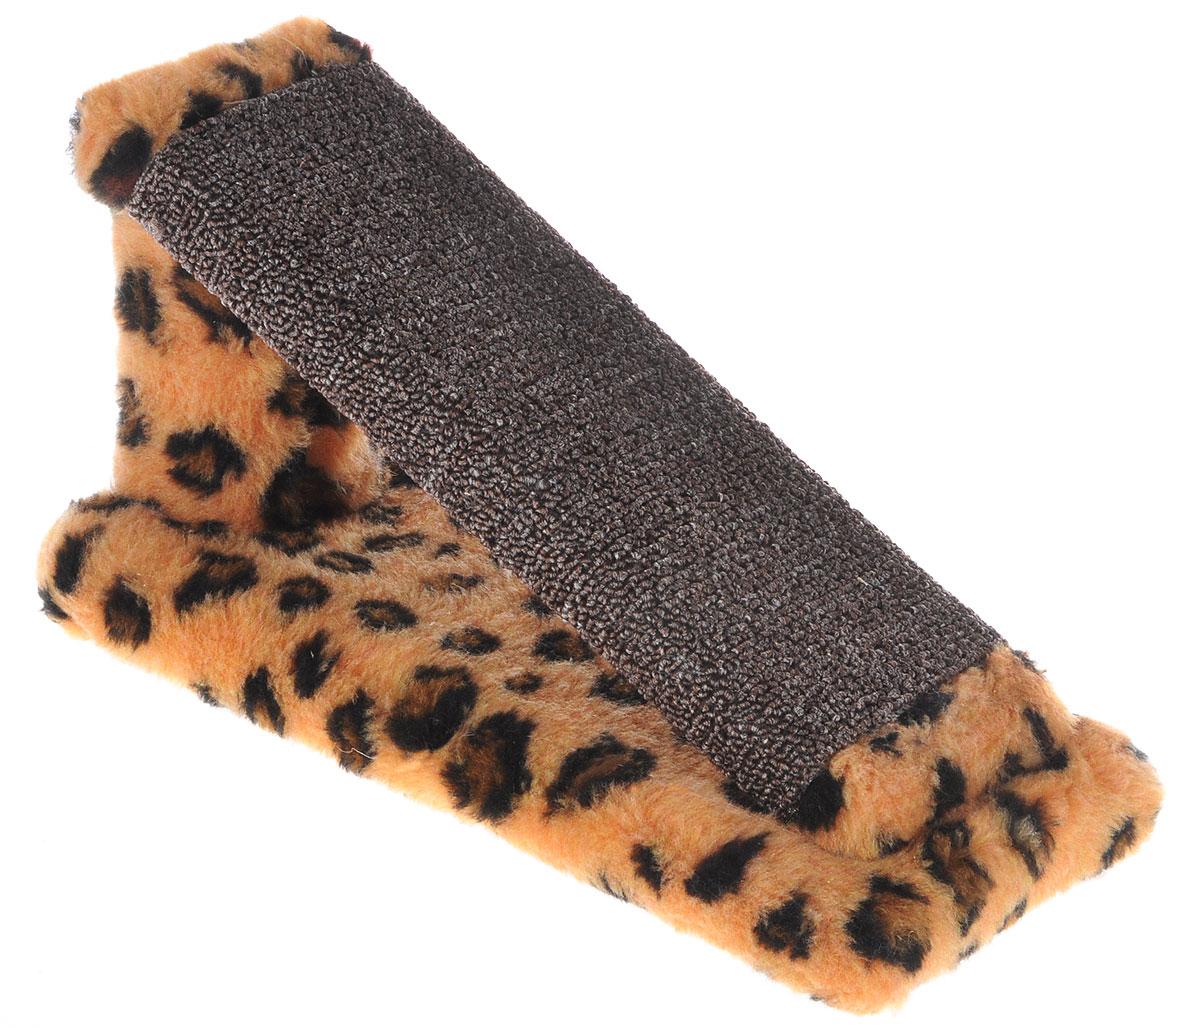 Когтеточка для котят Меридиан Горка, цвет: коричневый, темно-коричневый, черный, 29 х 14 х 14 см0120710Когтеточка Меридиан Горка предназначена для стачивания когтей вашего котенка и предотвращения их врастания. Она выполнена из ДВП, ДСП и искусственного меха. Точатся когти о накладку из ковролина. Когтеточка позволяет сохранить неповрежденными мебель и другие предметы интерьера.